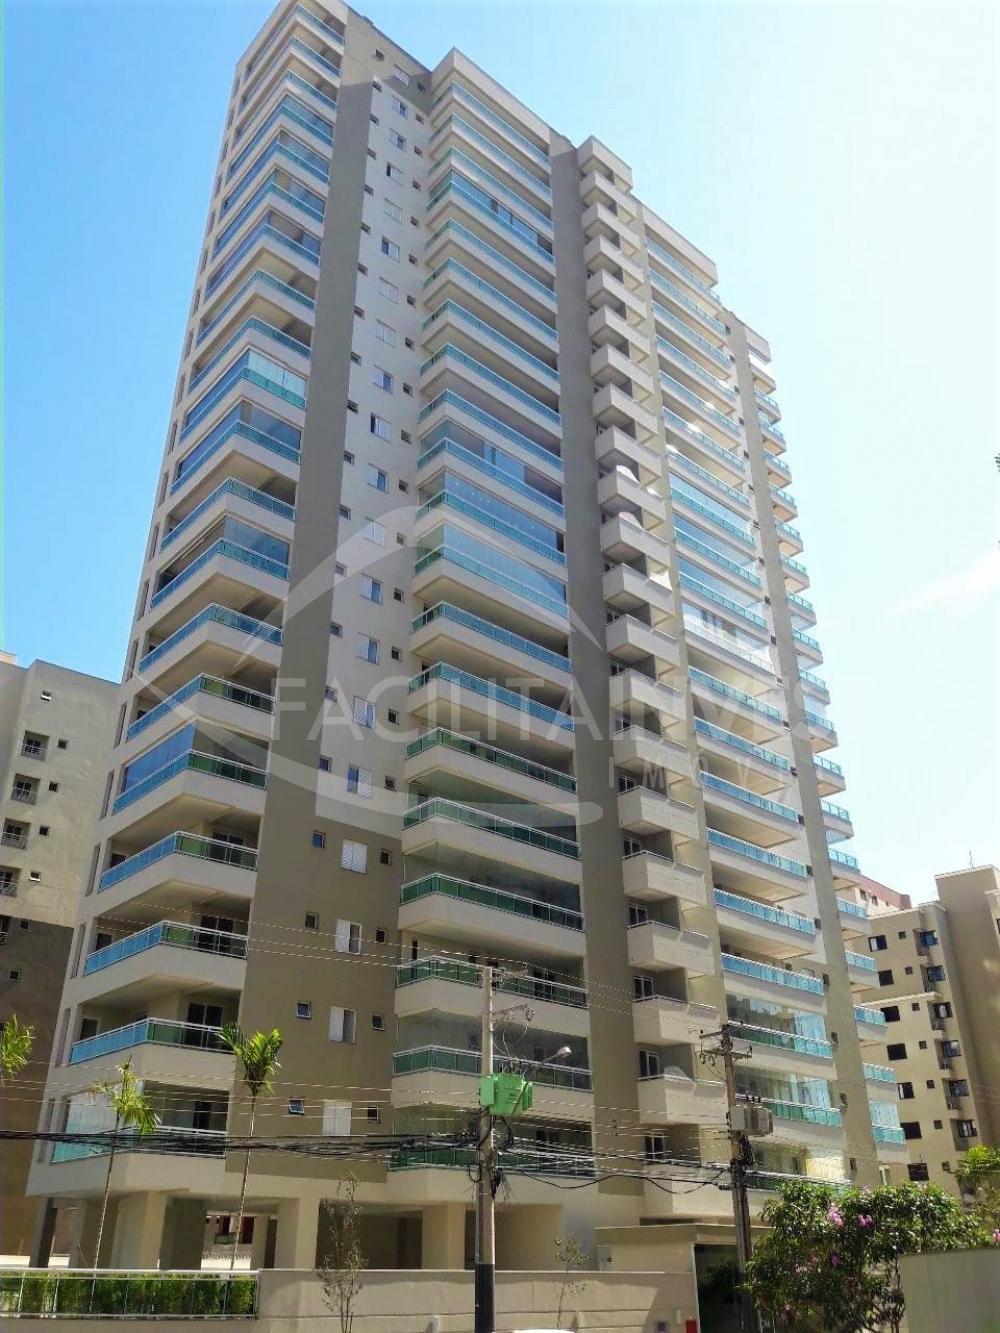 Comprar Lançamentos/ Empreendimentos em Construç / Apartamento padrão - Lançamento em Ribeirão Preto apenas R$ 623.000,00 - Foto 2